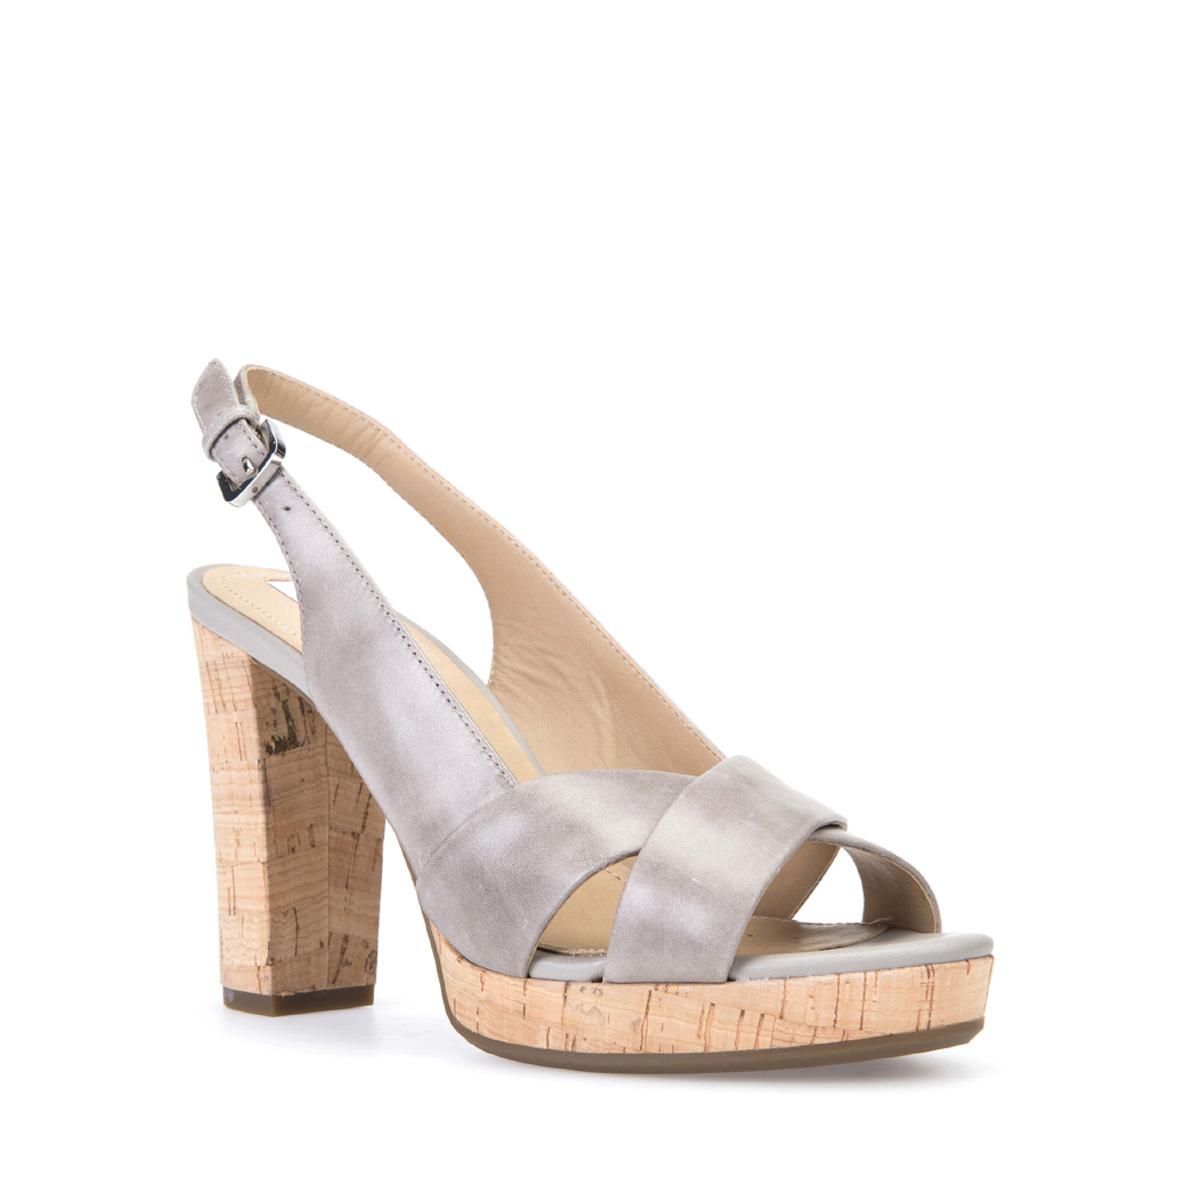 Sandalo con tacco in sughero Geox estate 2017